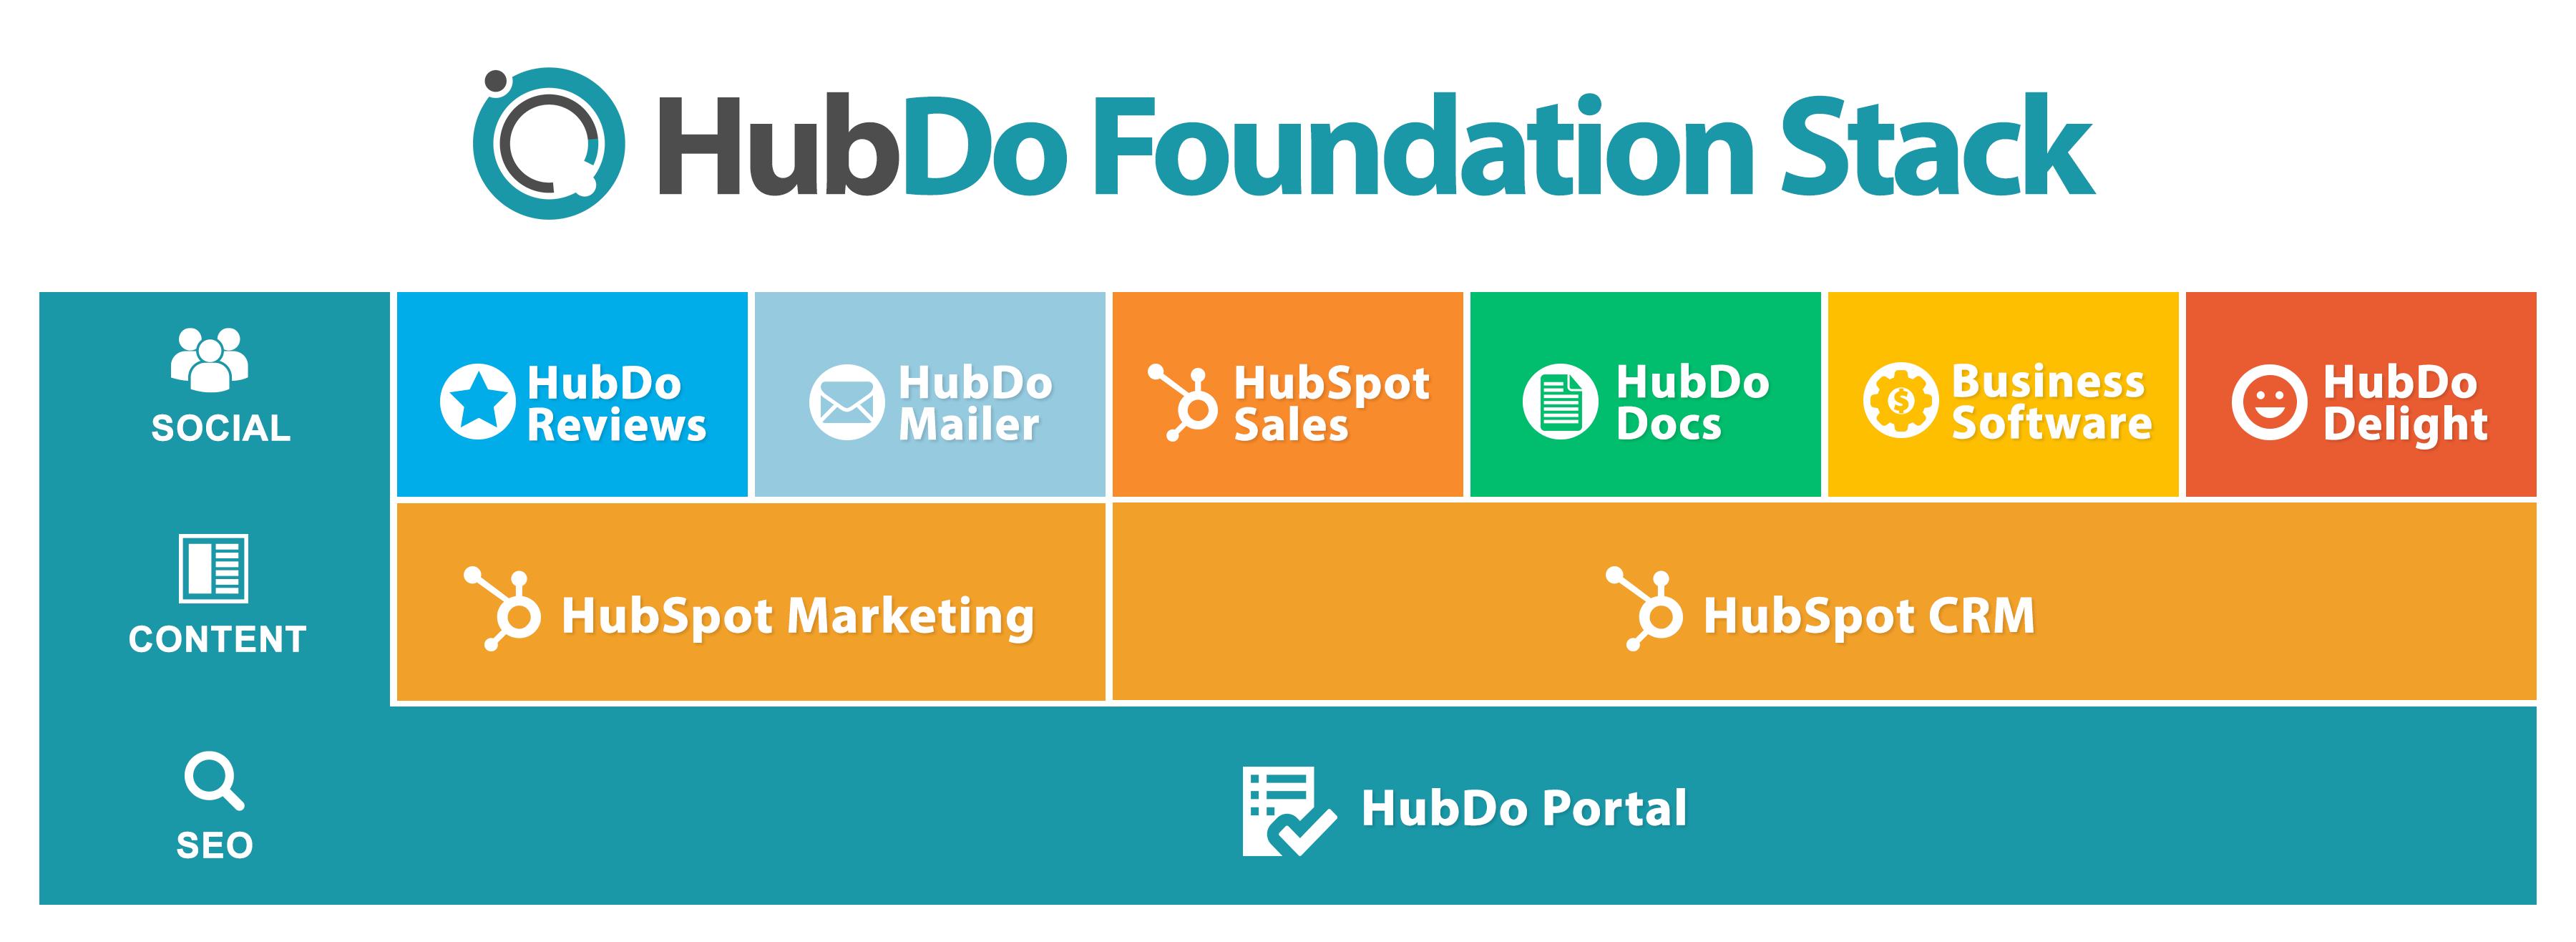 HubDo Foundation Stack.png